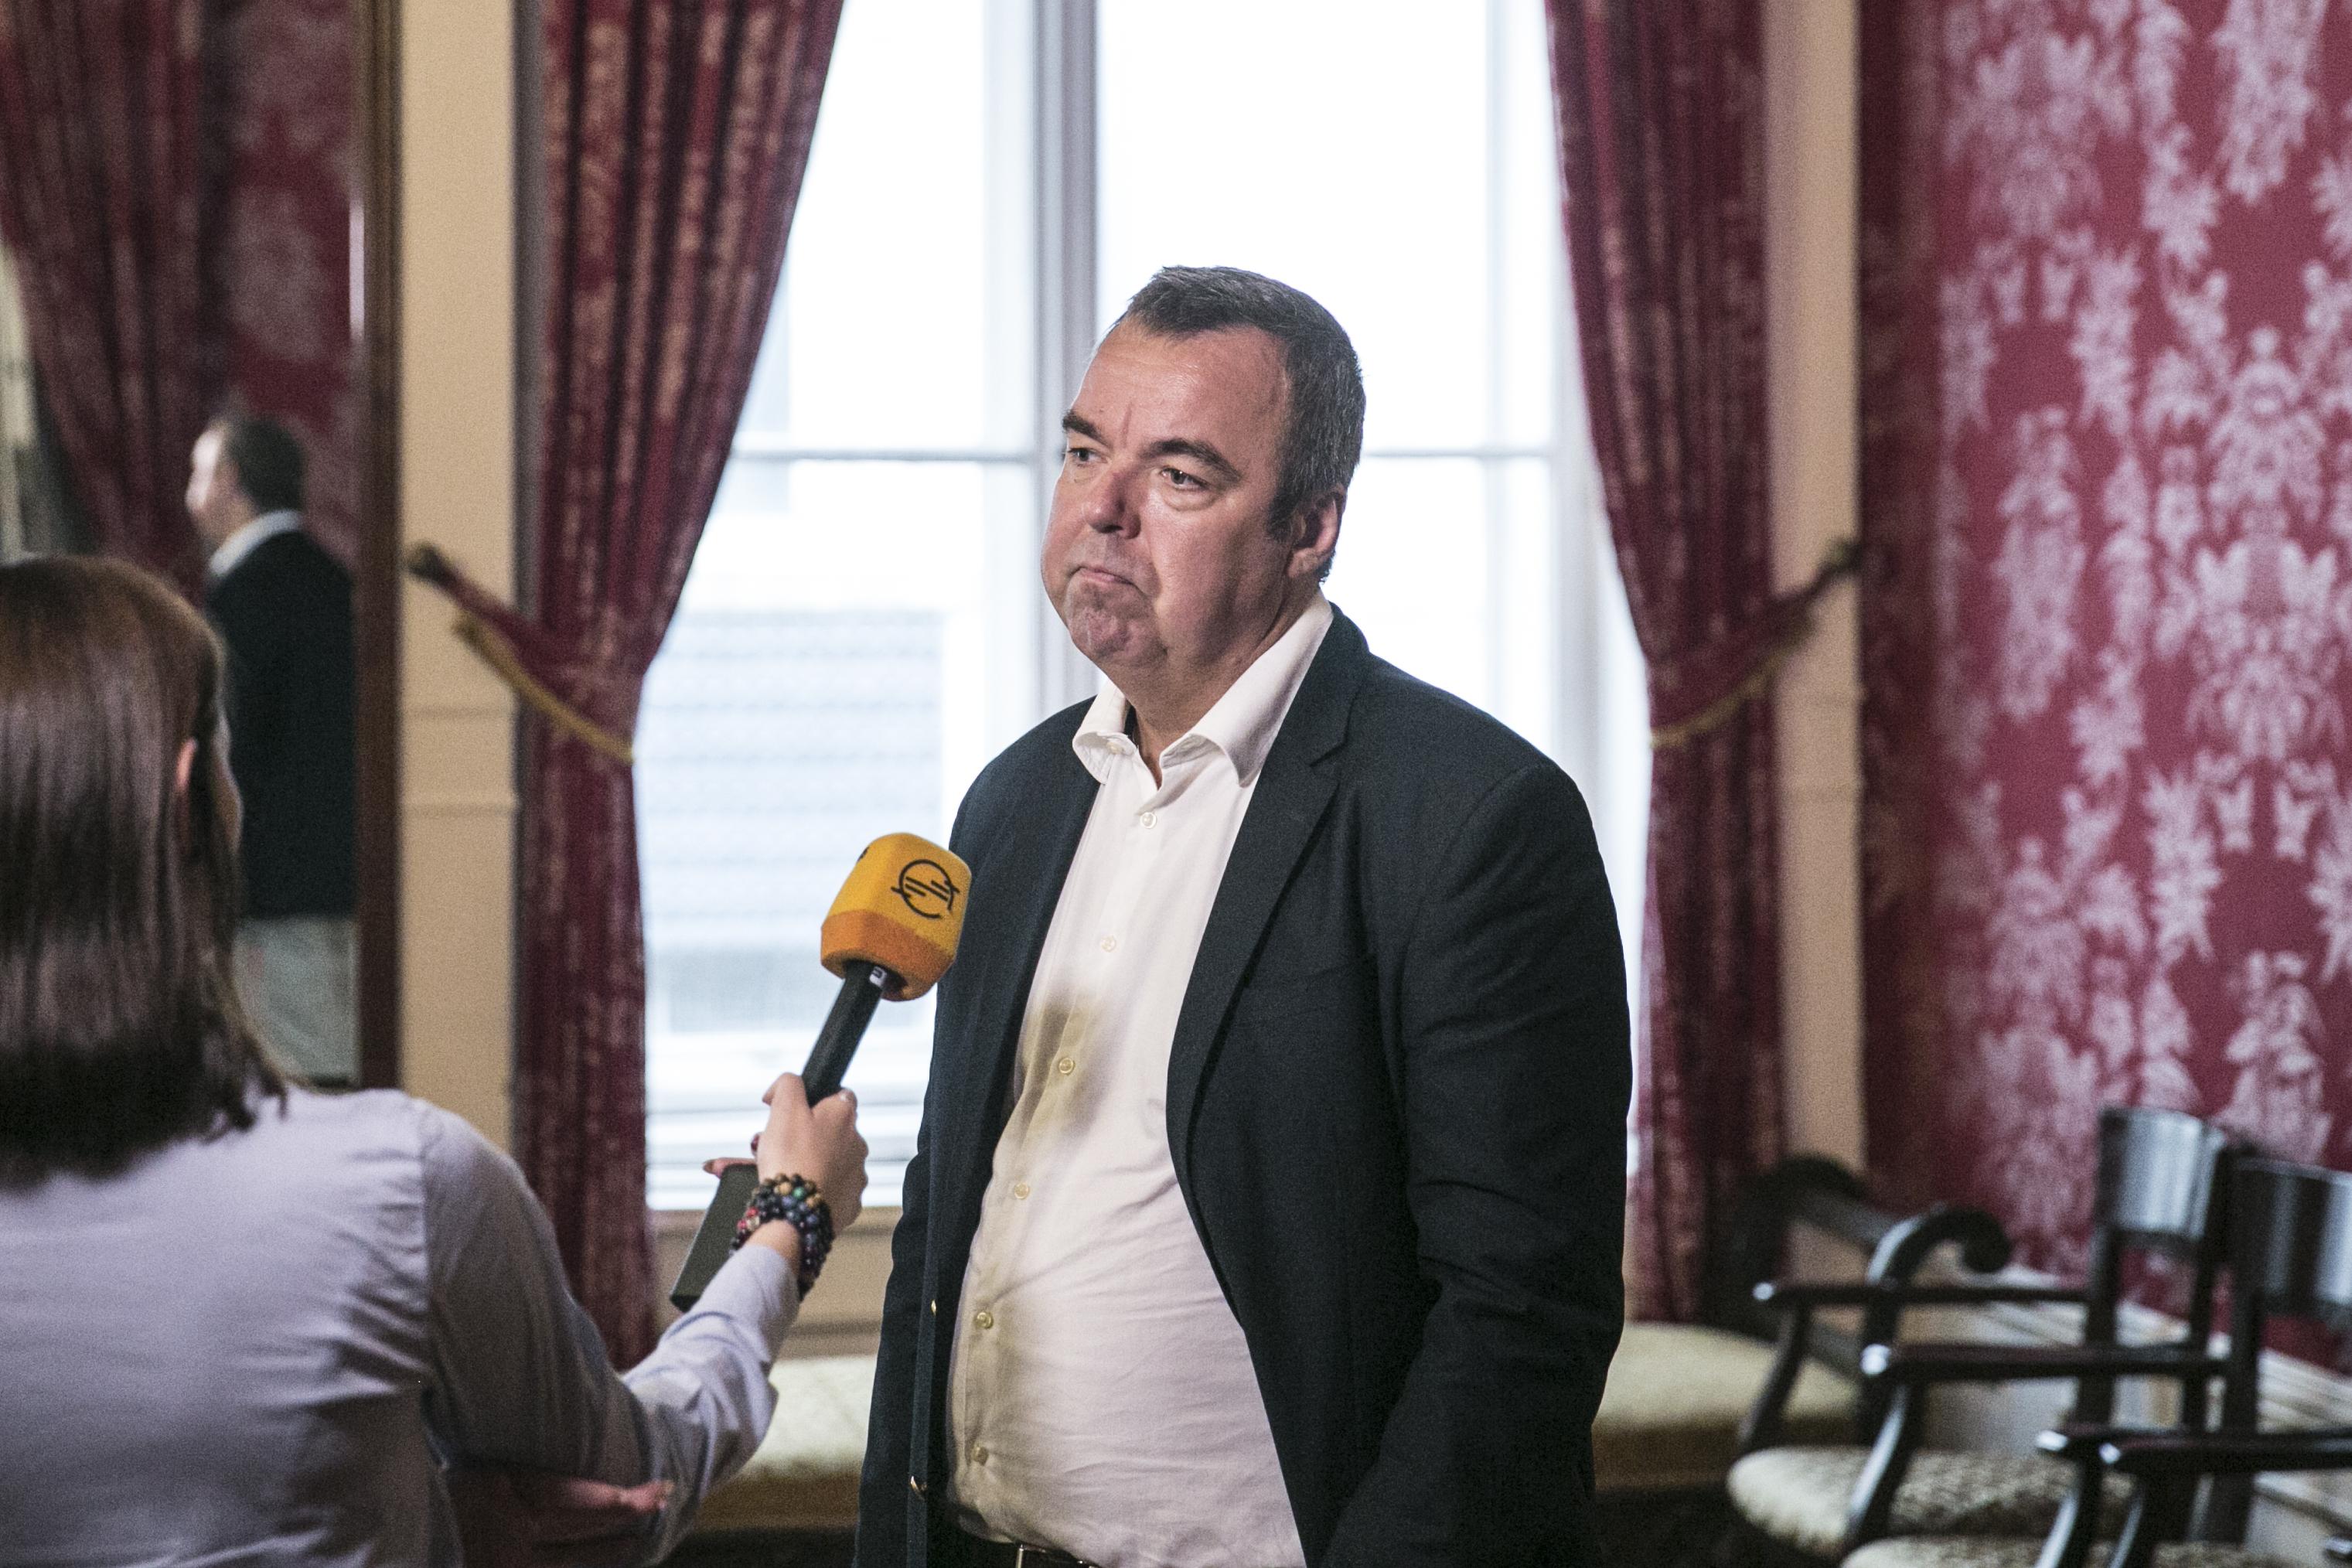 L. Simon: Nem szóltam be Balogéknak, csak sajnáltam, hogy nem voltak ott